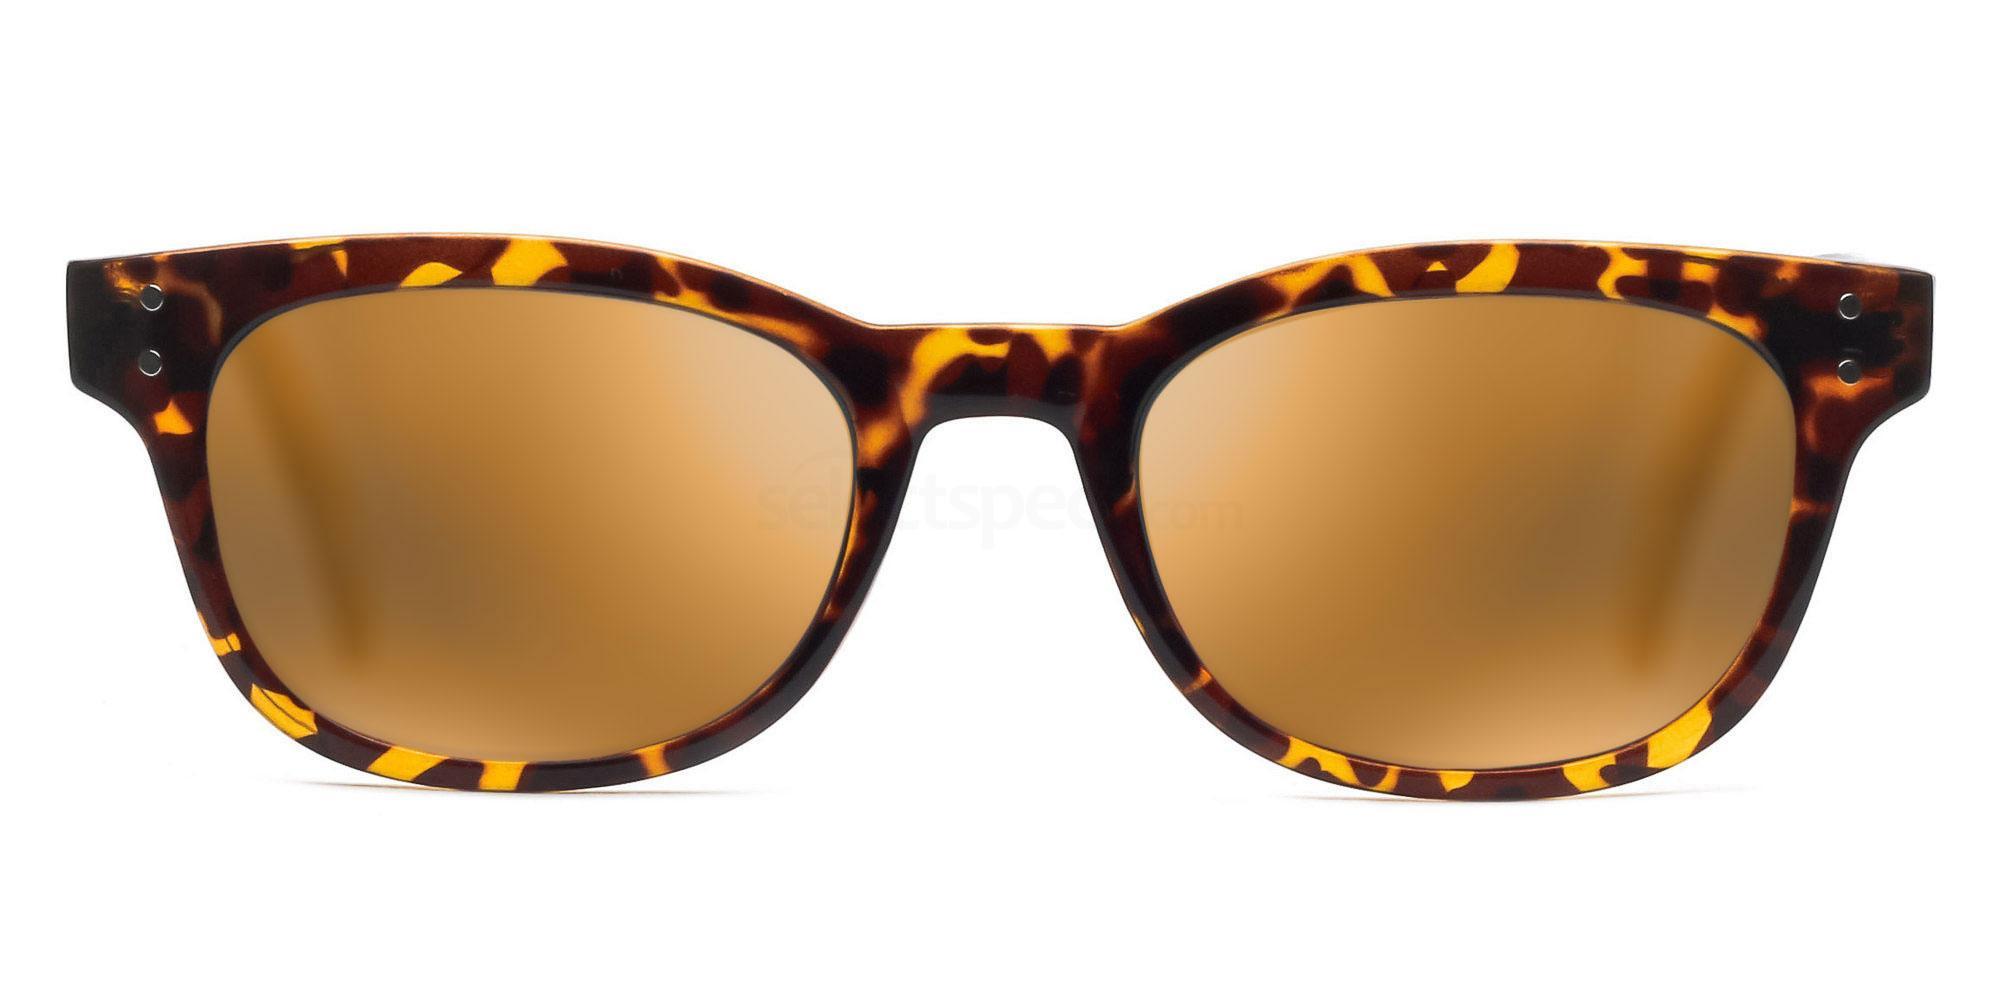 mirrored polarised sunglasses cheap uk